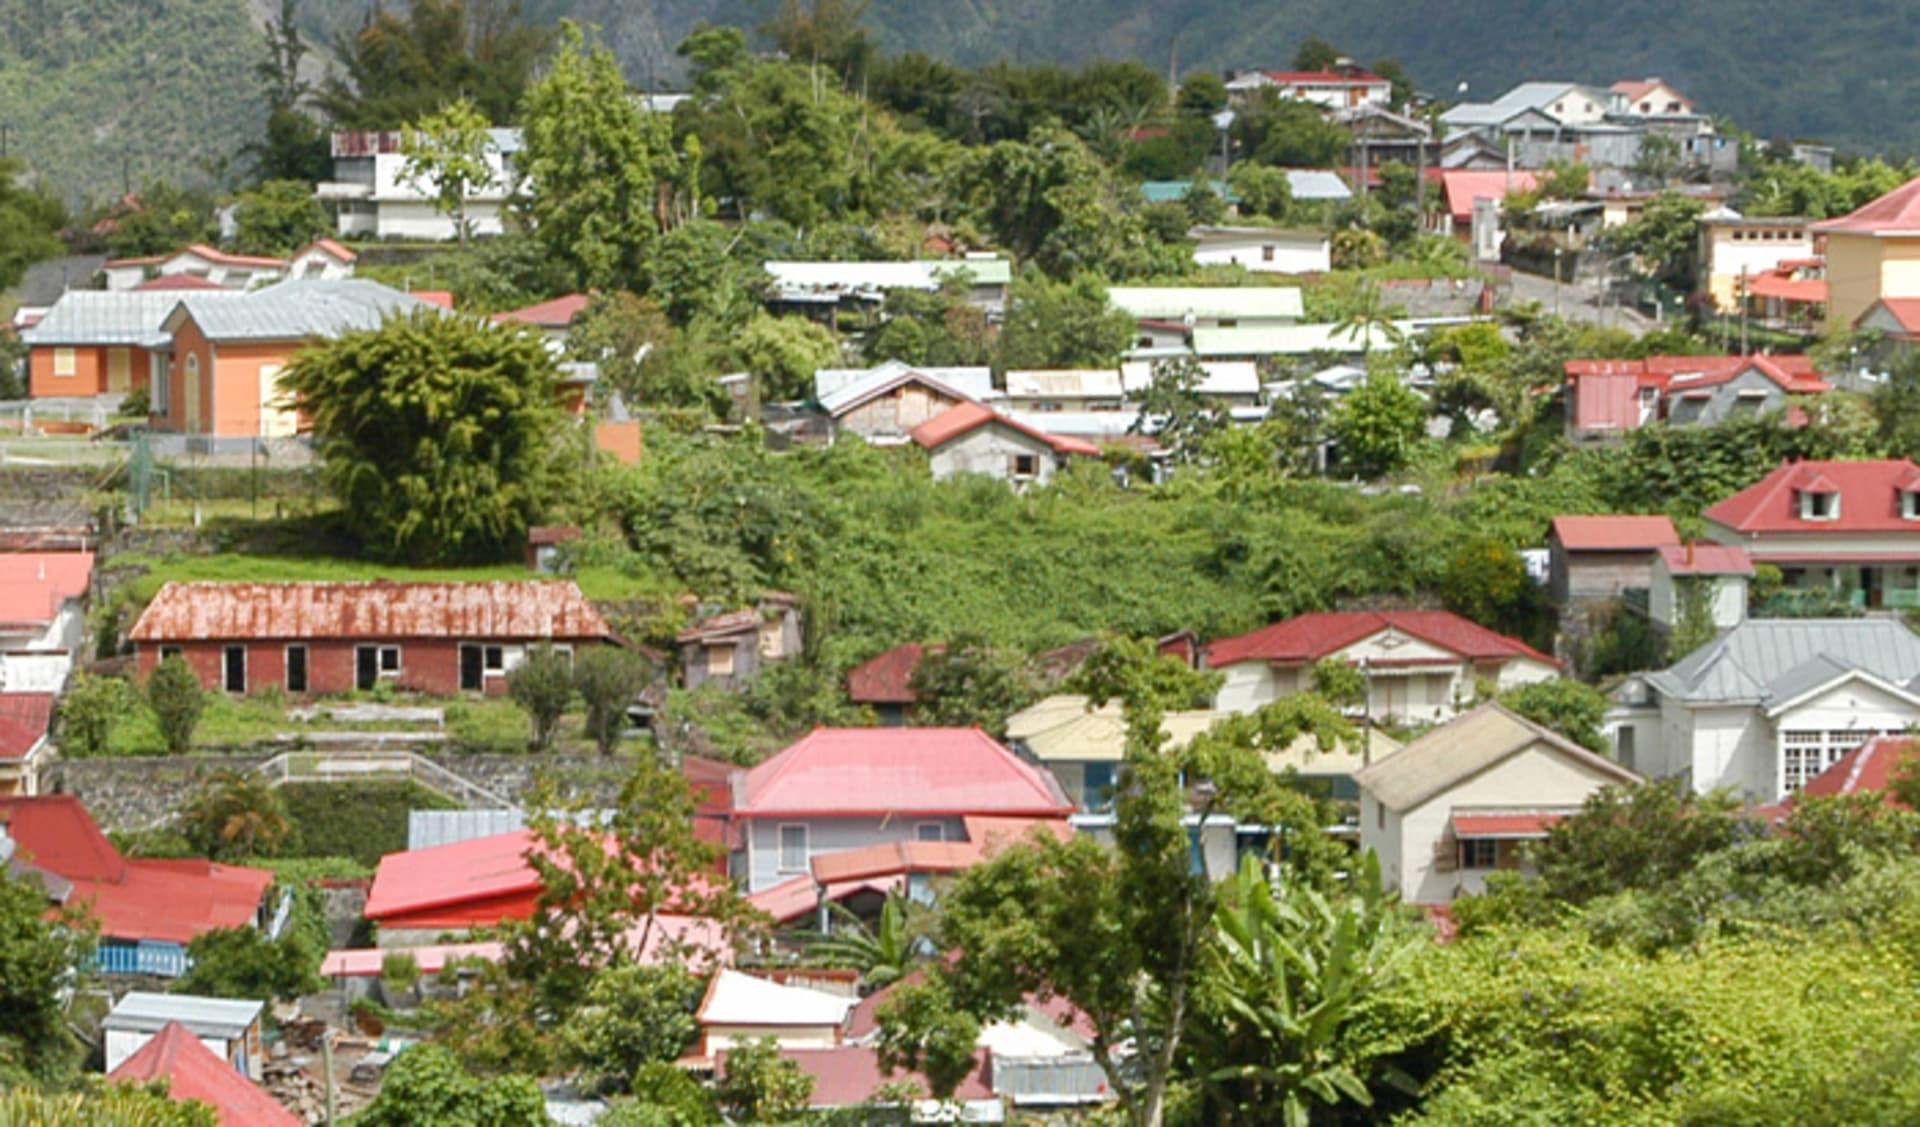 Hell Bourg, La Réunion